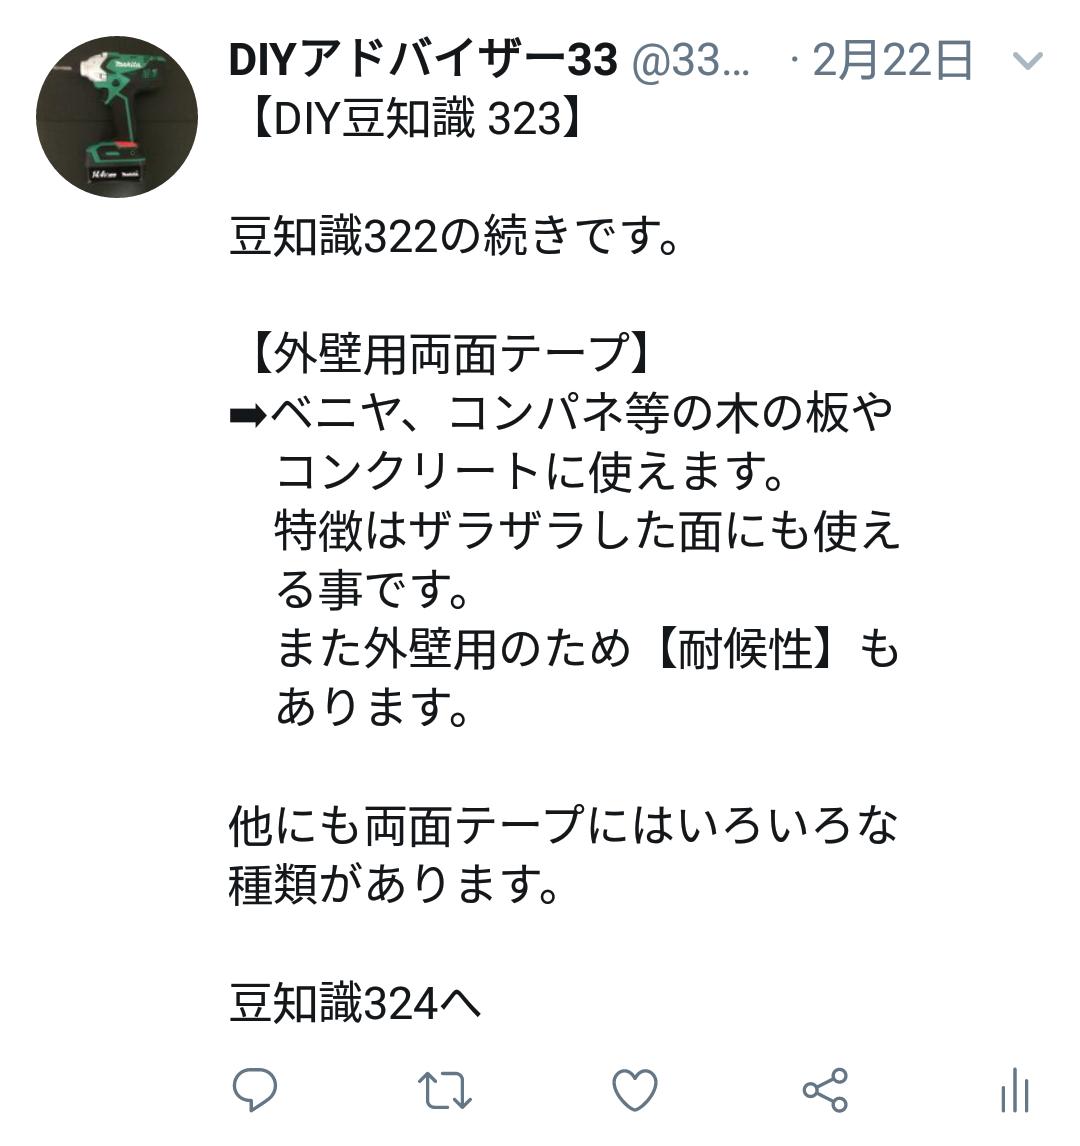 f:id:DIY33:20190410062506p:plain